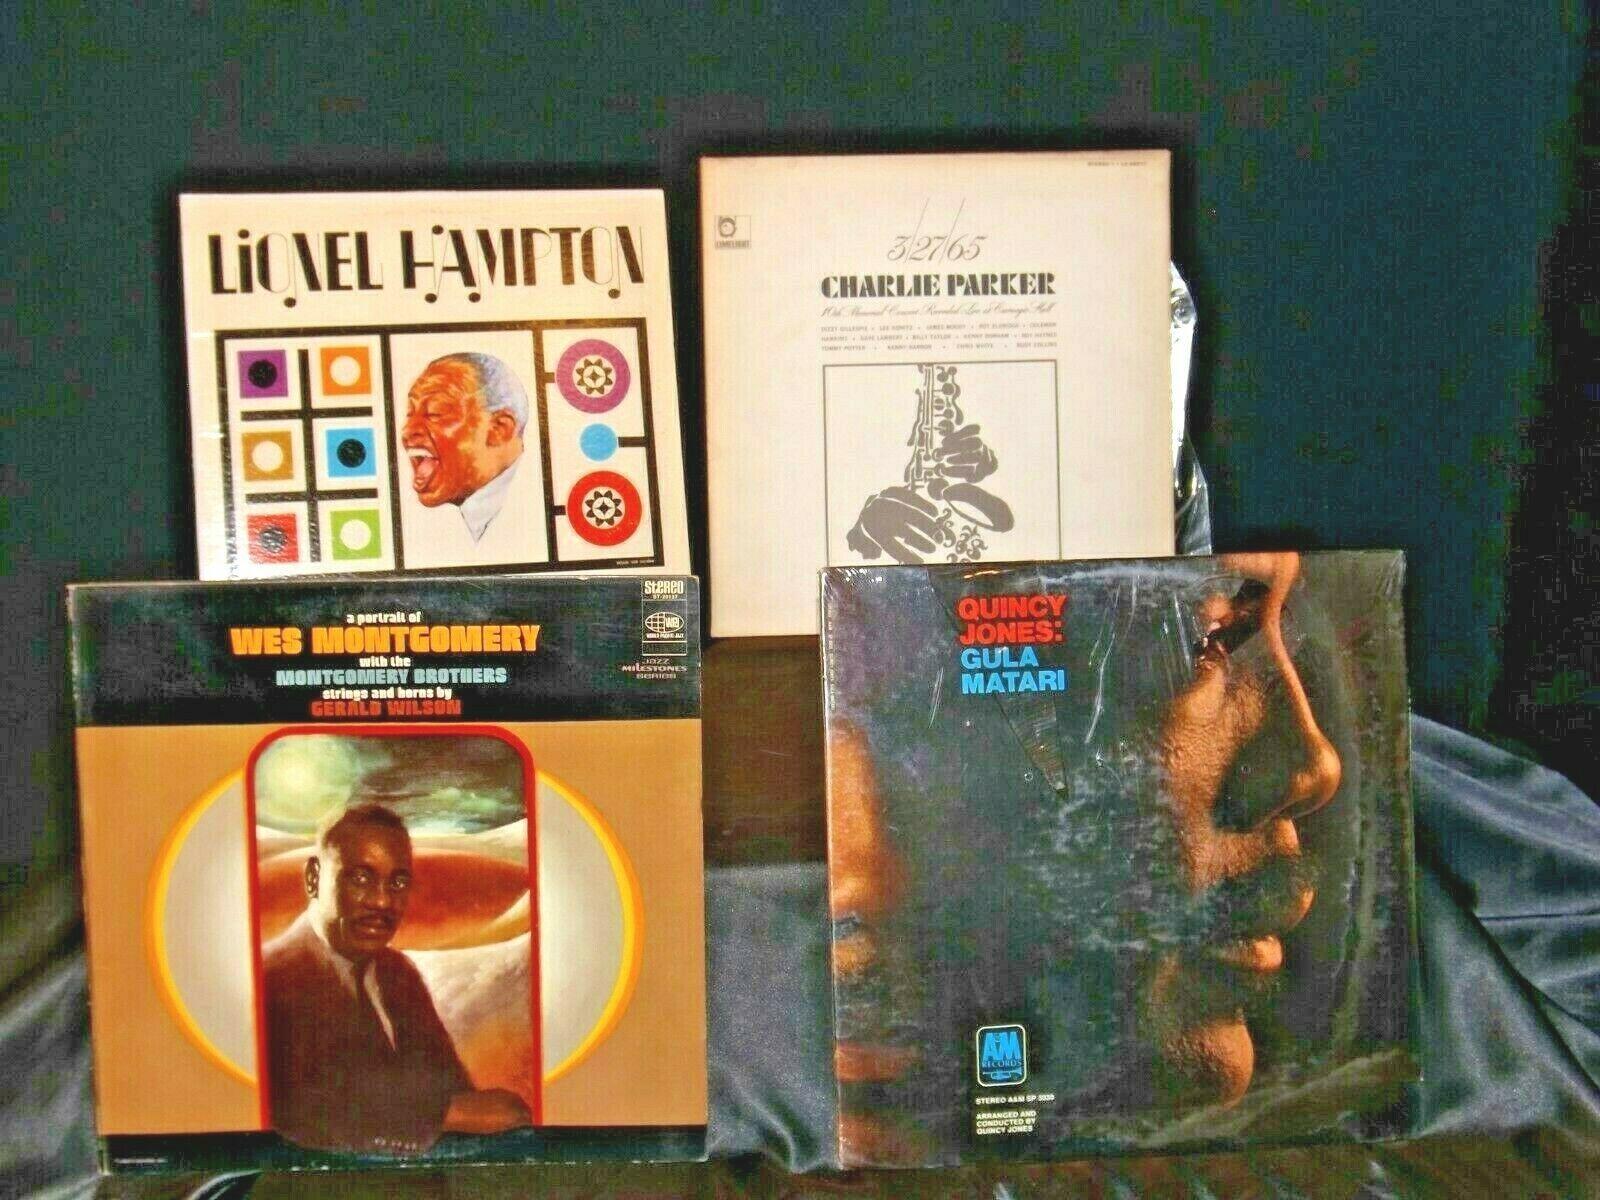 Lionel Hampton, Quincy Jones, Wes Montgomery, and Charlie Parker AA-191715 Vint